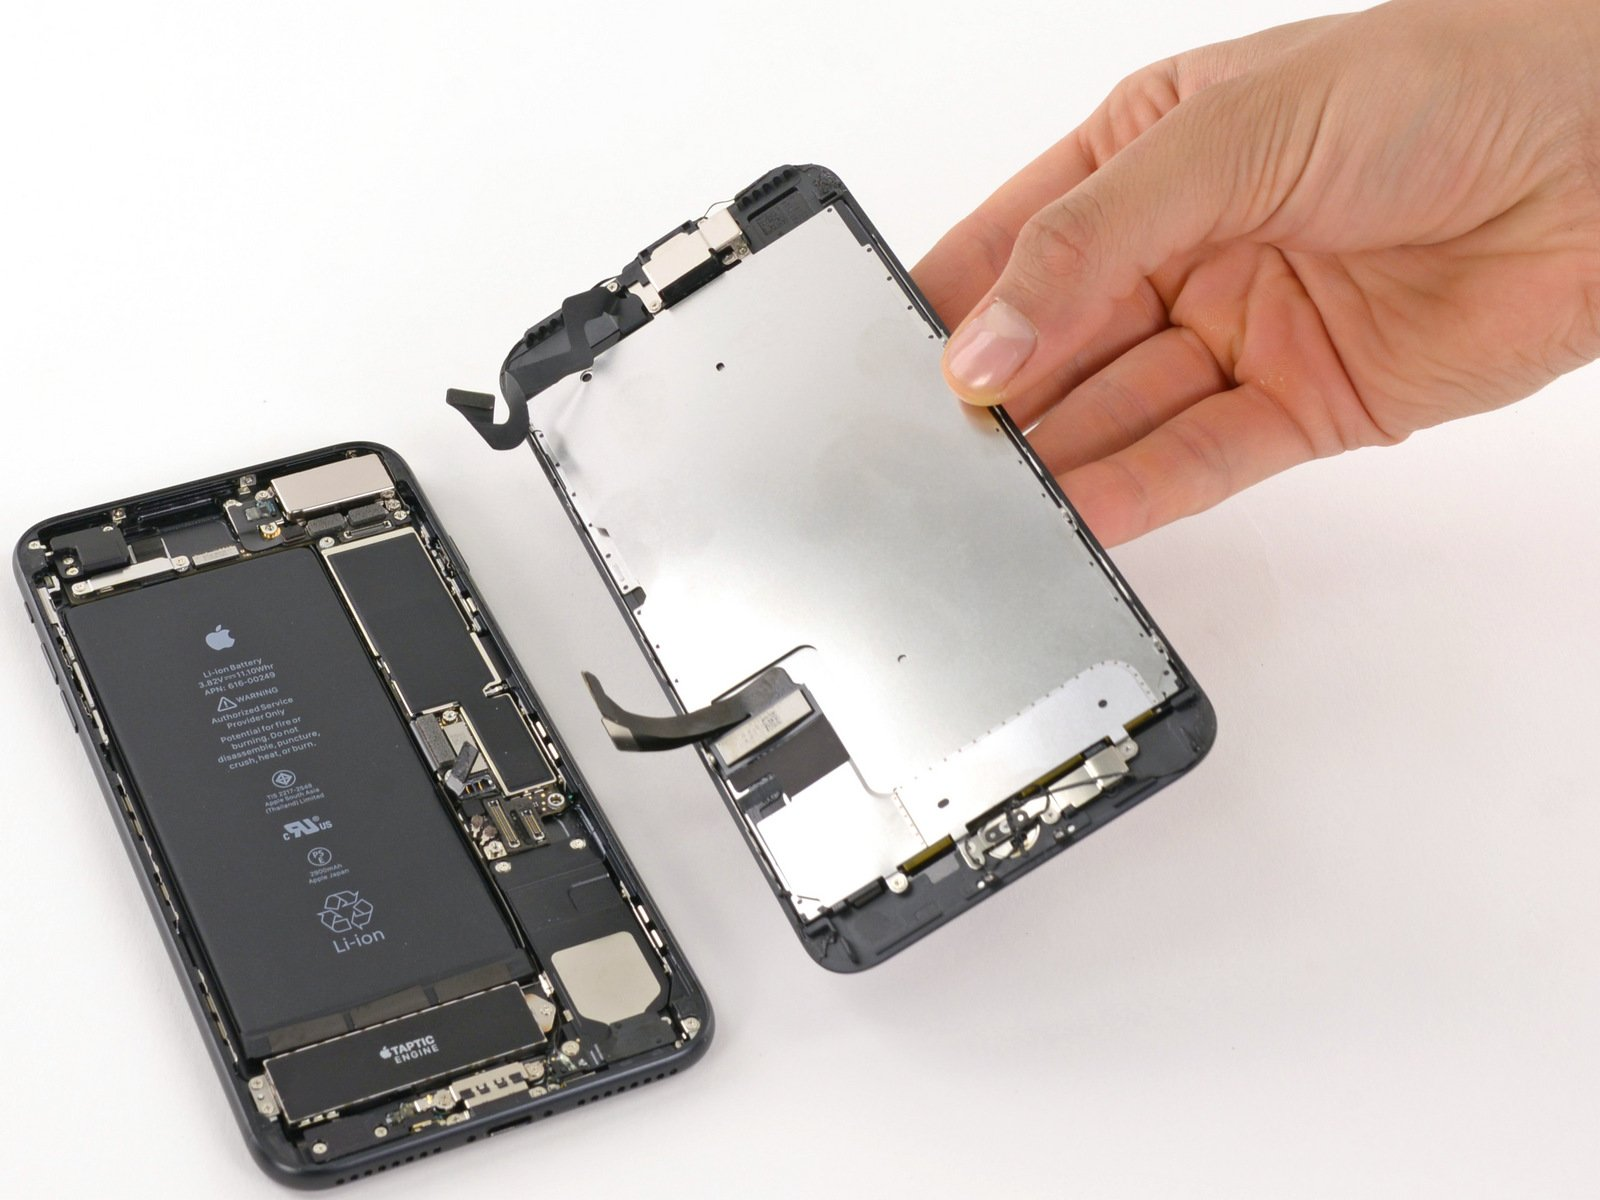 Prawo do naprawy ma w przyszłości objąć także smartfony